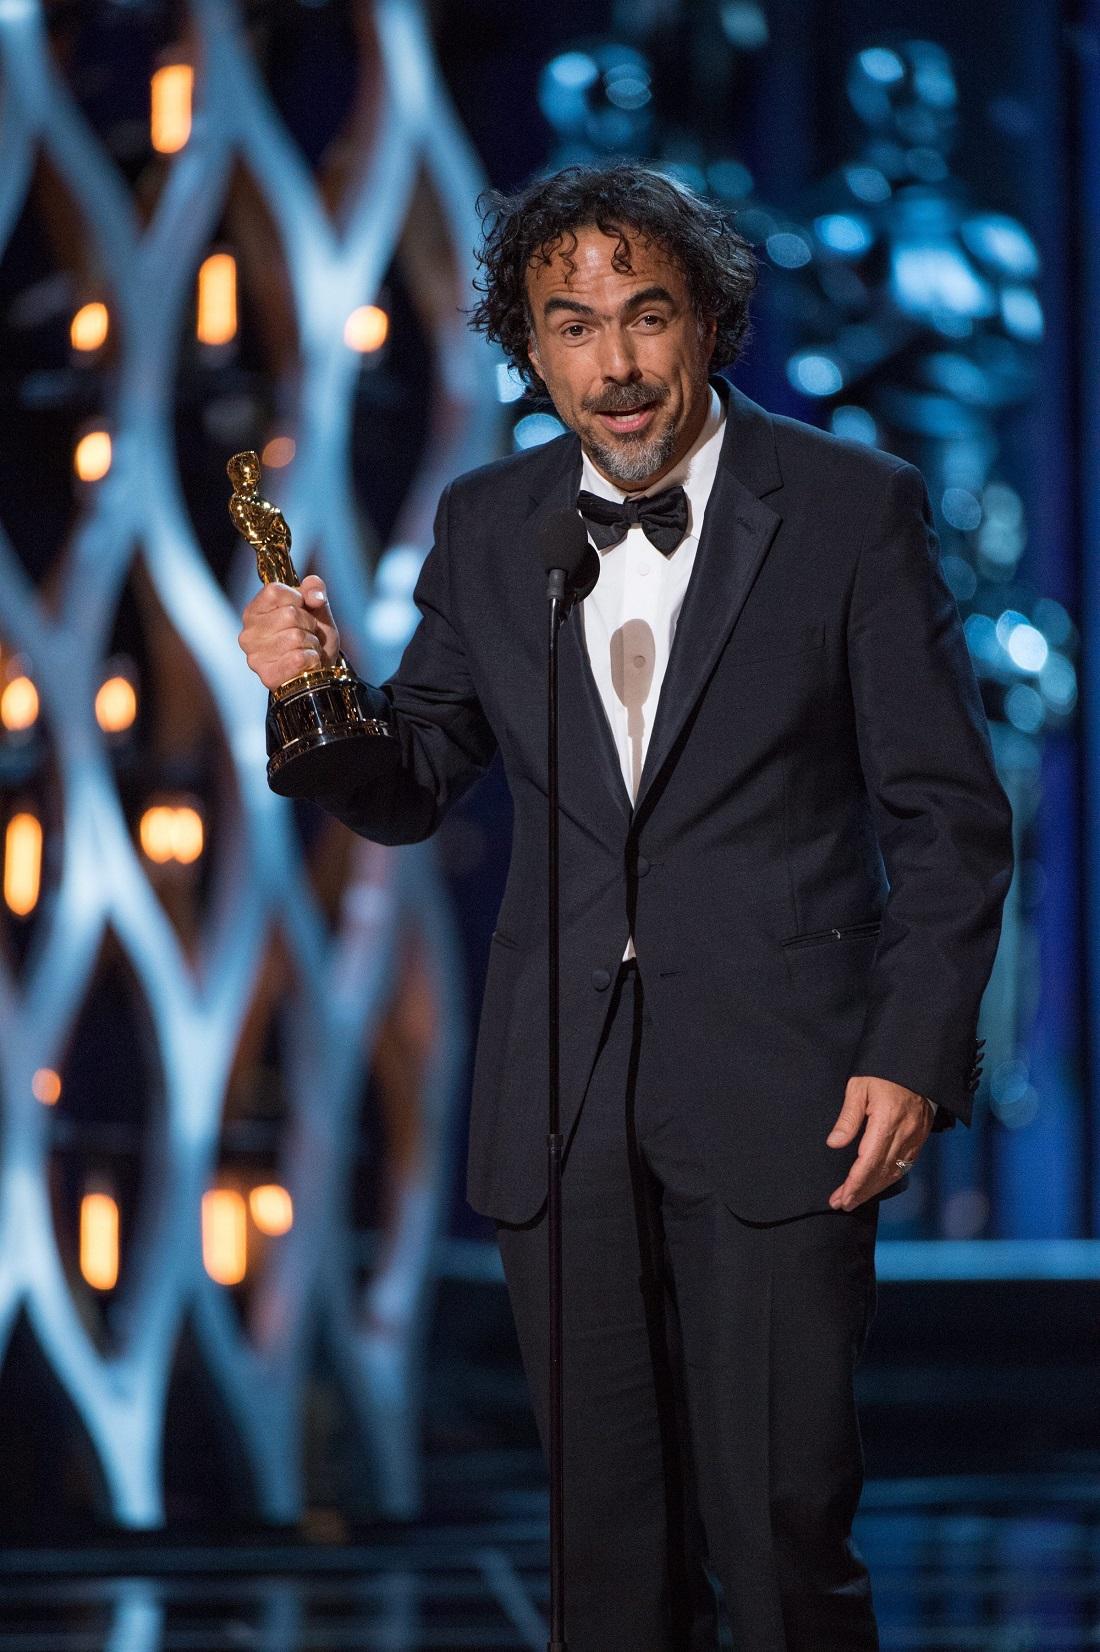 """Das ist Alejandro G. Inarritu, der Regisseur des Filmes """"Birdman"""". Er war bei der Oscar-Verleihung super erfolgreich. (Foto: dpa)"""